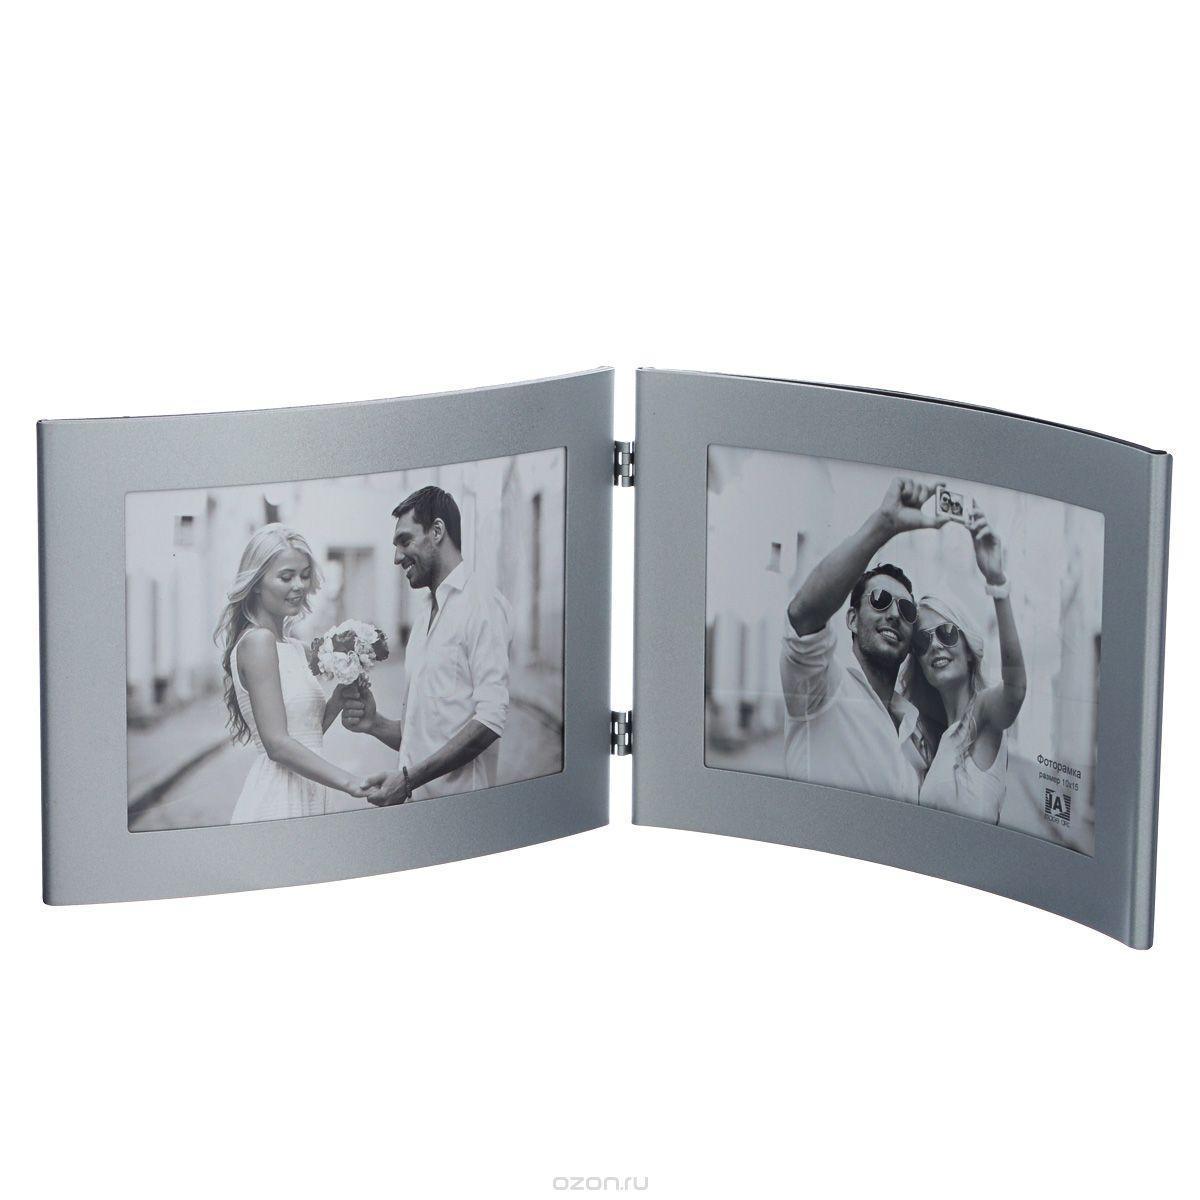 ФоторамкаImage Art 6015/2-4S ( серебро)Брелок для ключейФоторамка Image Art - прекрасный способ красиво оформить ваши фотографии. Изделие рассчитано на 2 фотографии. Фоторамка выполнена из металла и защищена стеклом. Фоторамку можно поставить на стол или подвесить на стену, для чего с задней стороны предусмотрены специальные отверстия. Такая фоторамка поможет сохранить на память самые яркие моменты вашей жизни, а стильный дизайн сделает ее прекрасным дополнением интерьера.